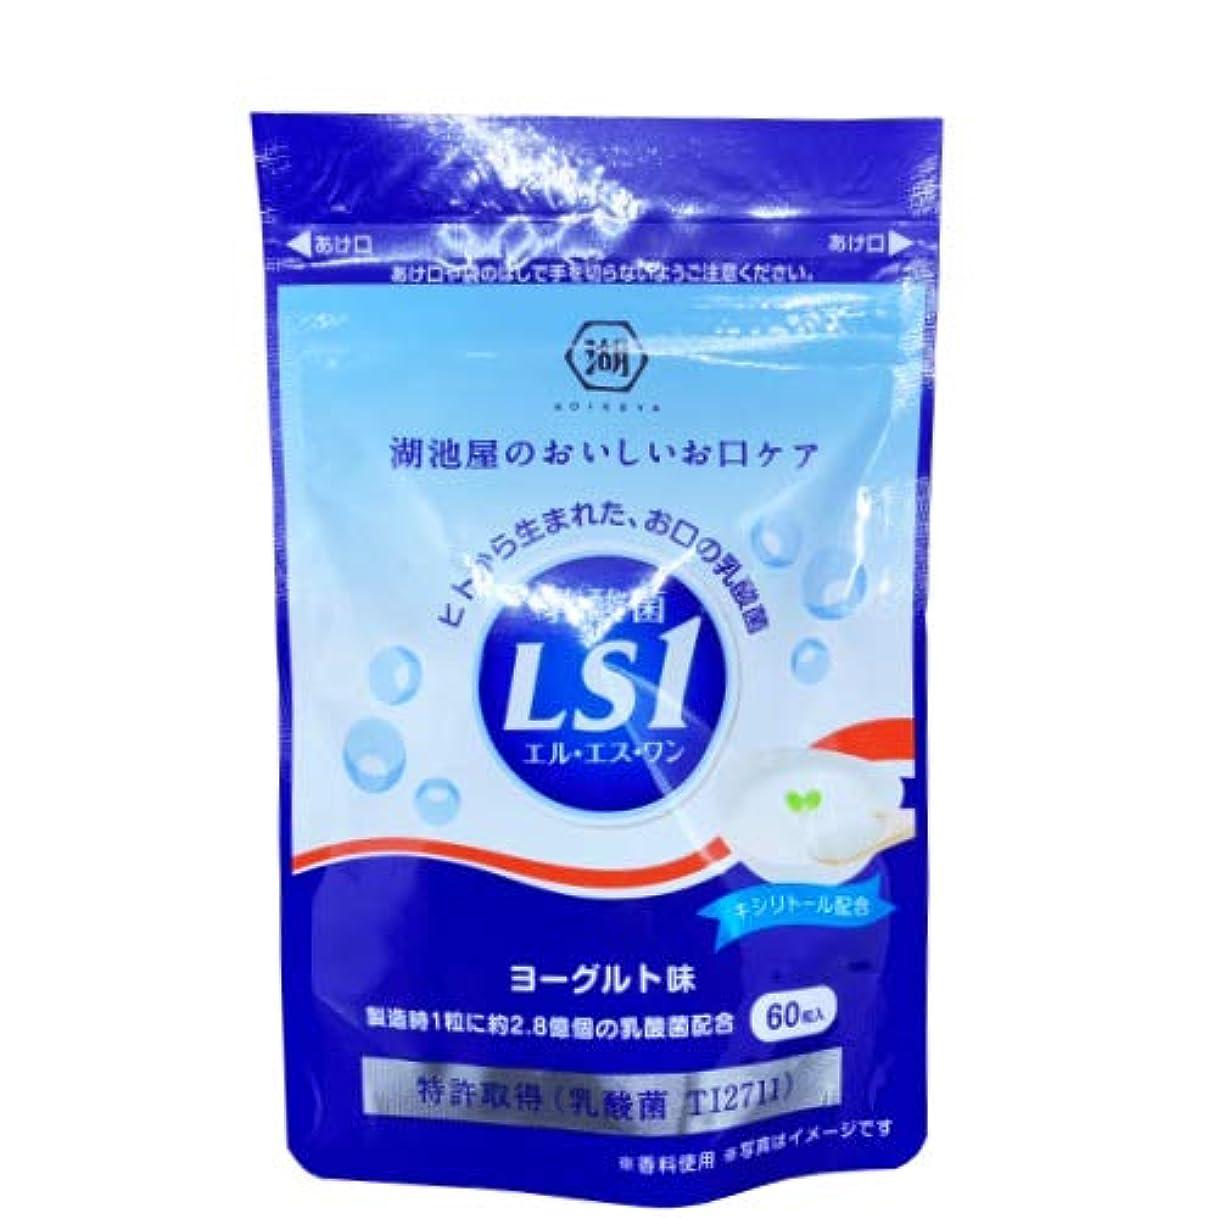 バラ色イソギンチャク無し乳酸菌LS1 ヨーグルト味